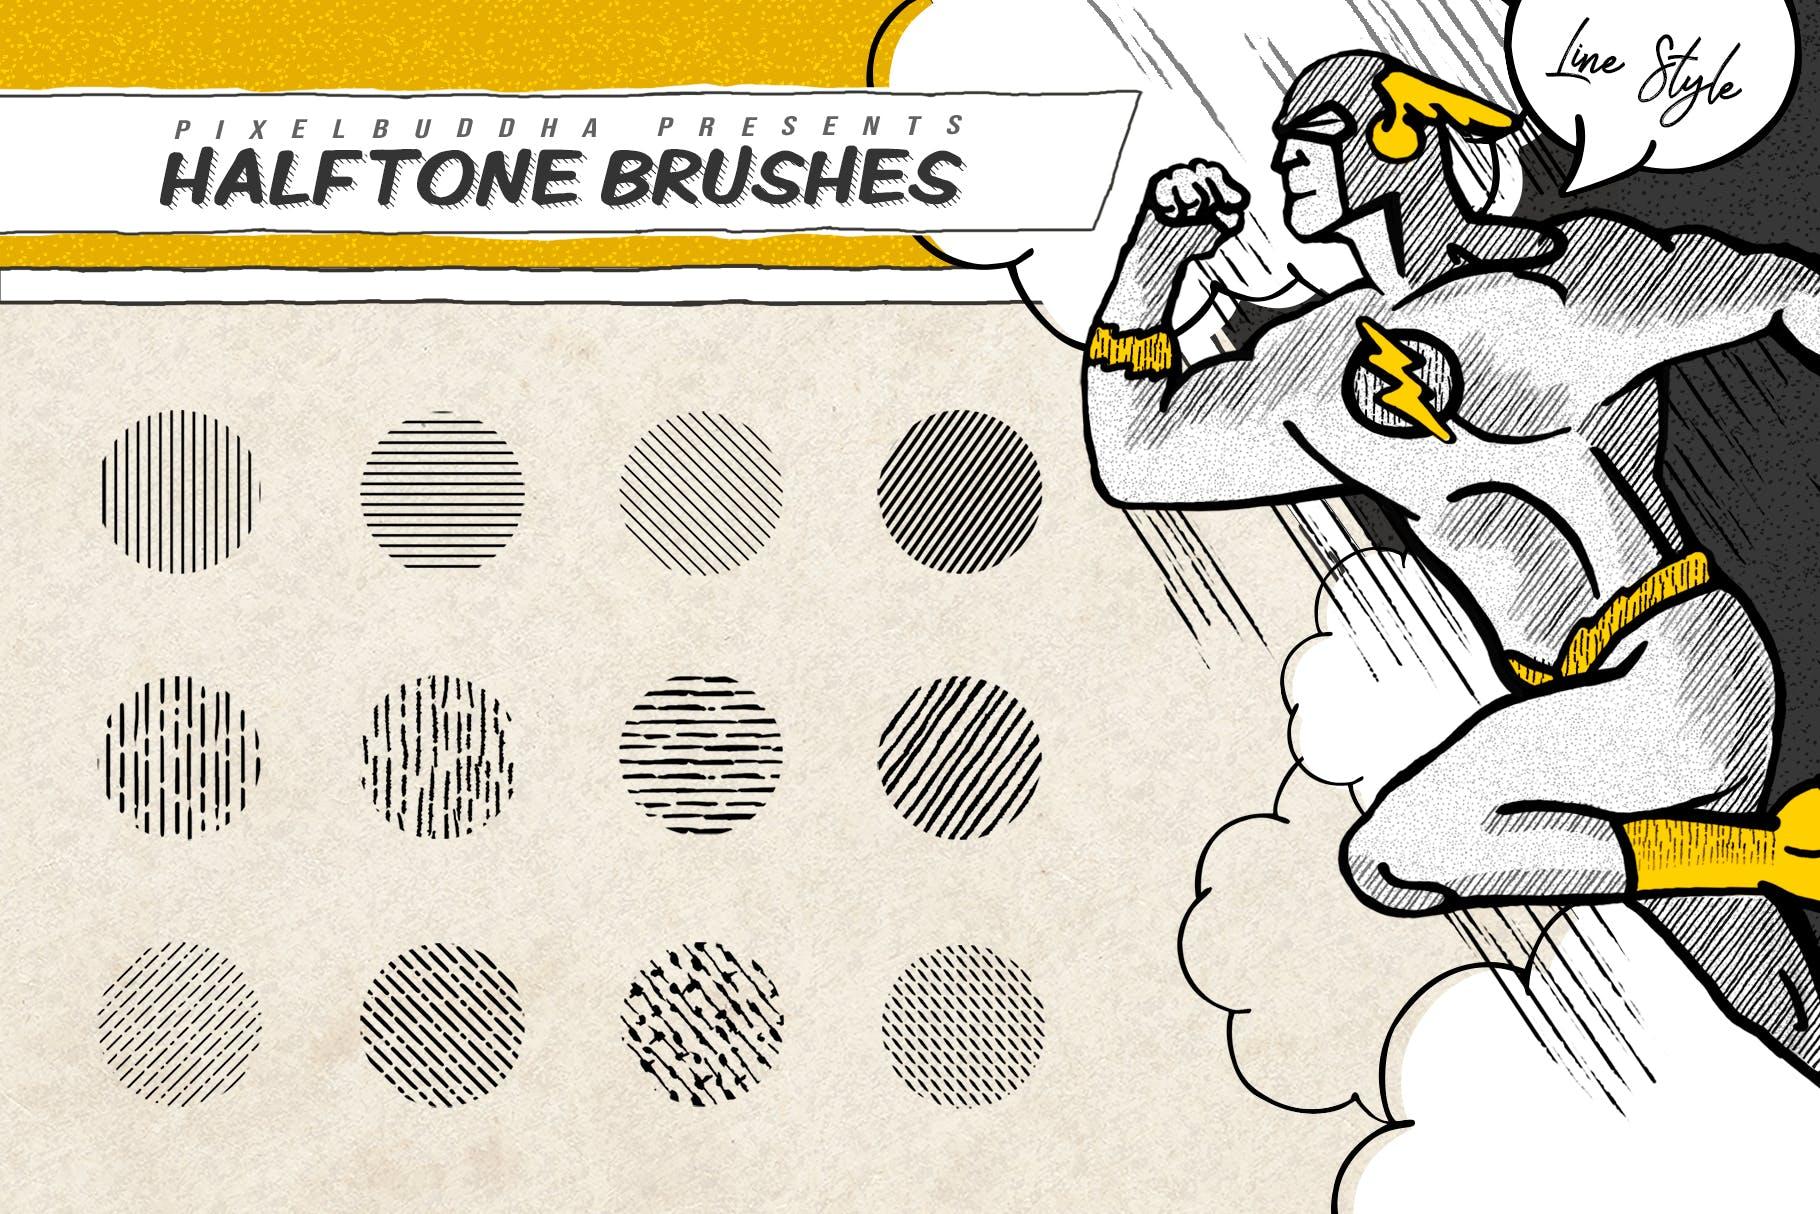 21款复古半调磨损线条画笔Procreate笔刷素材 Vintage Comics: Line Procreate Brushes插图(2)